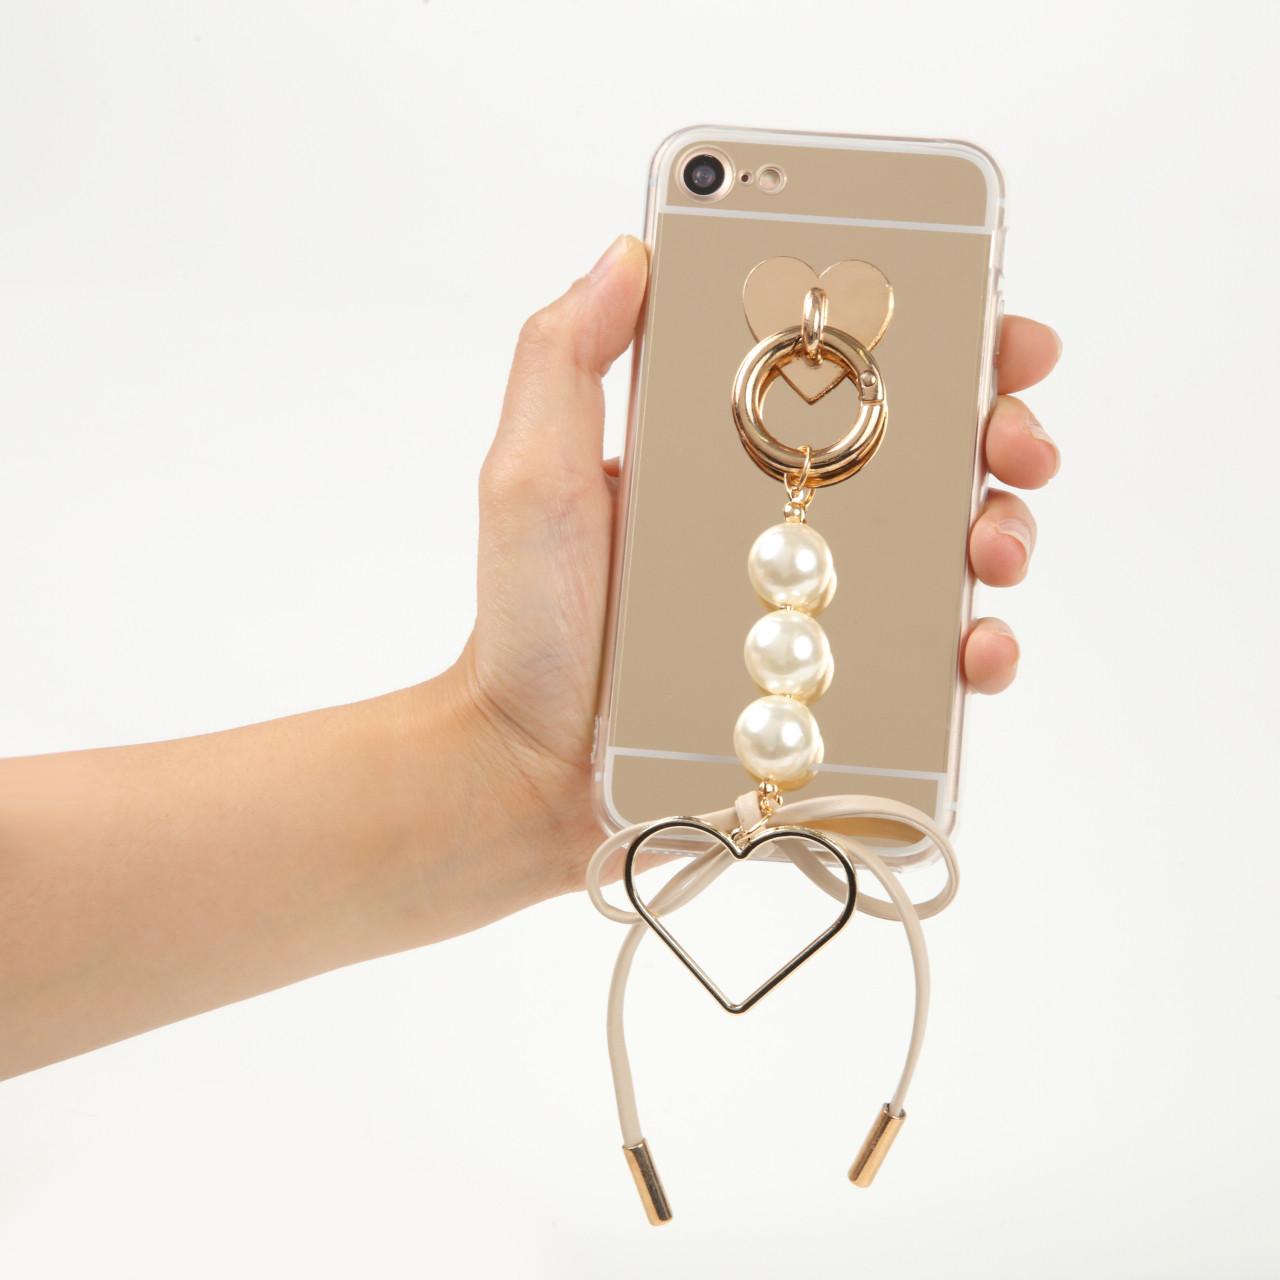 大人女子にはたまらない♡パールとリボンがかわいいiPhoneケース